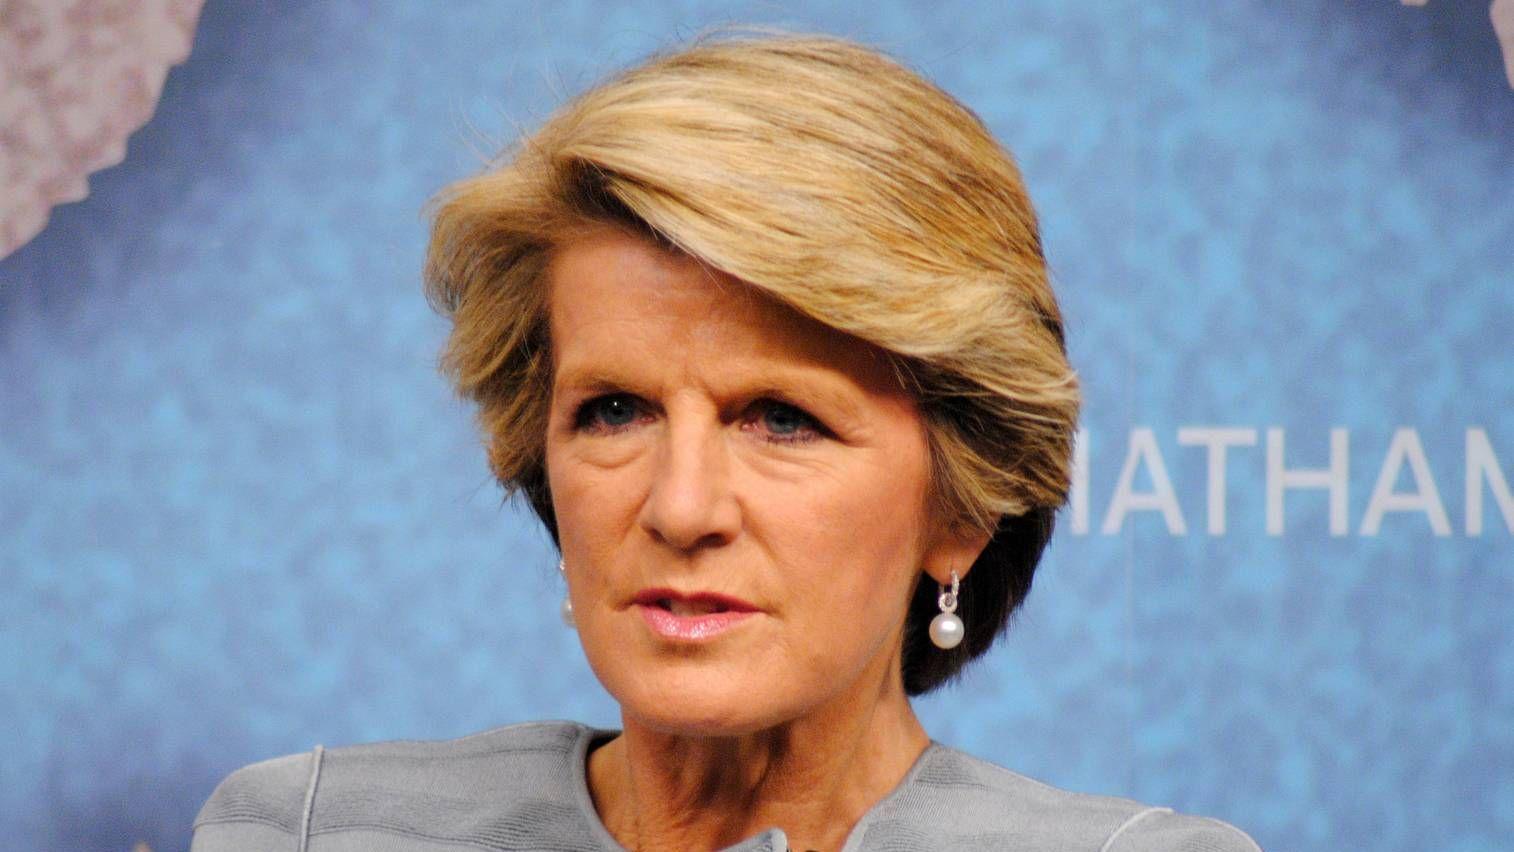 Австралия неувидела для себя угрозы вполитике РФ иКитая